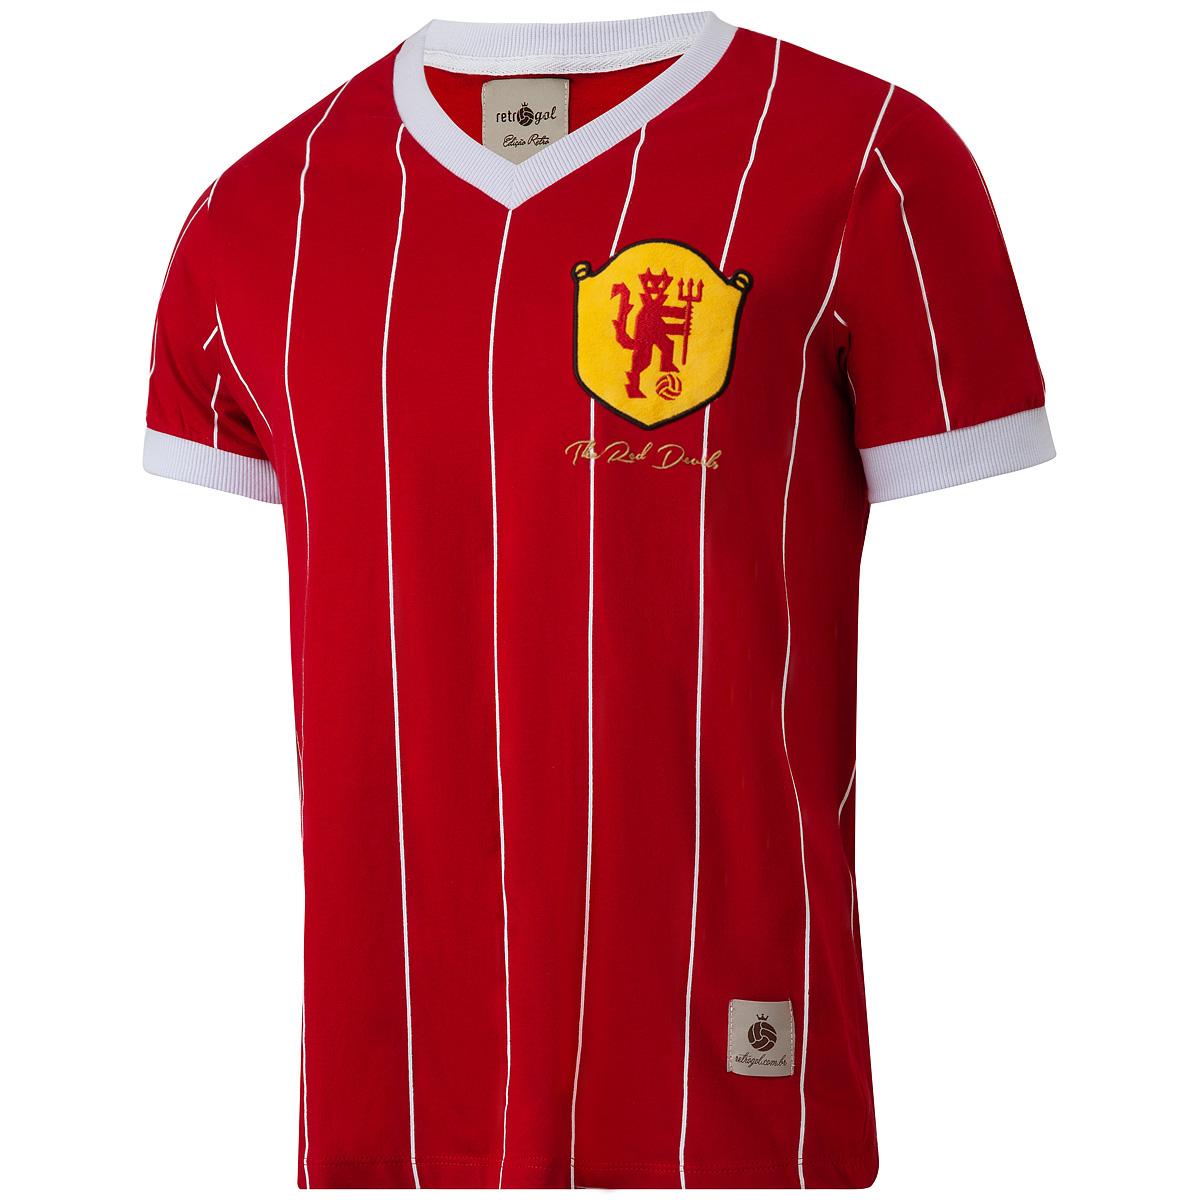 Camisa Manchester United Retrô Masculina